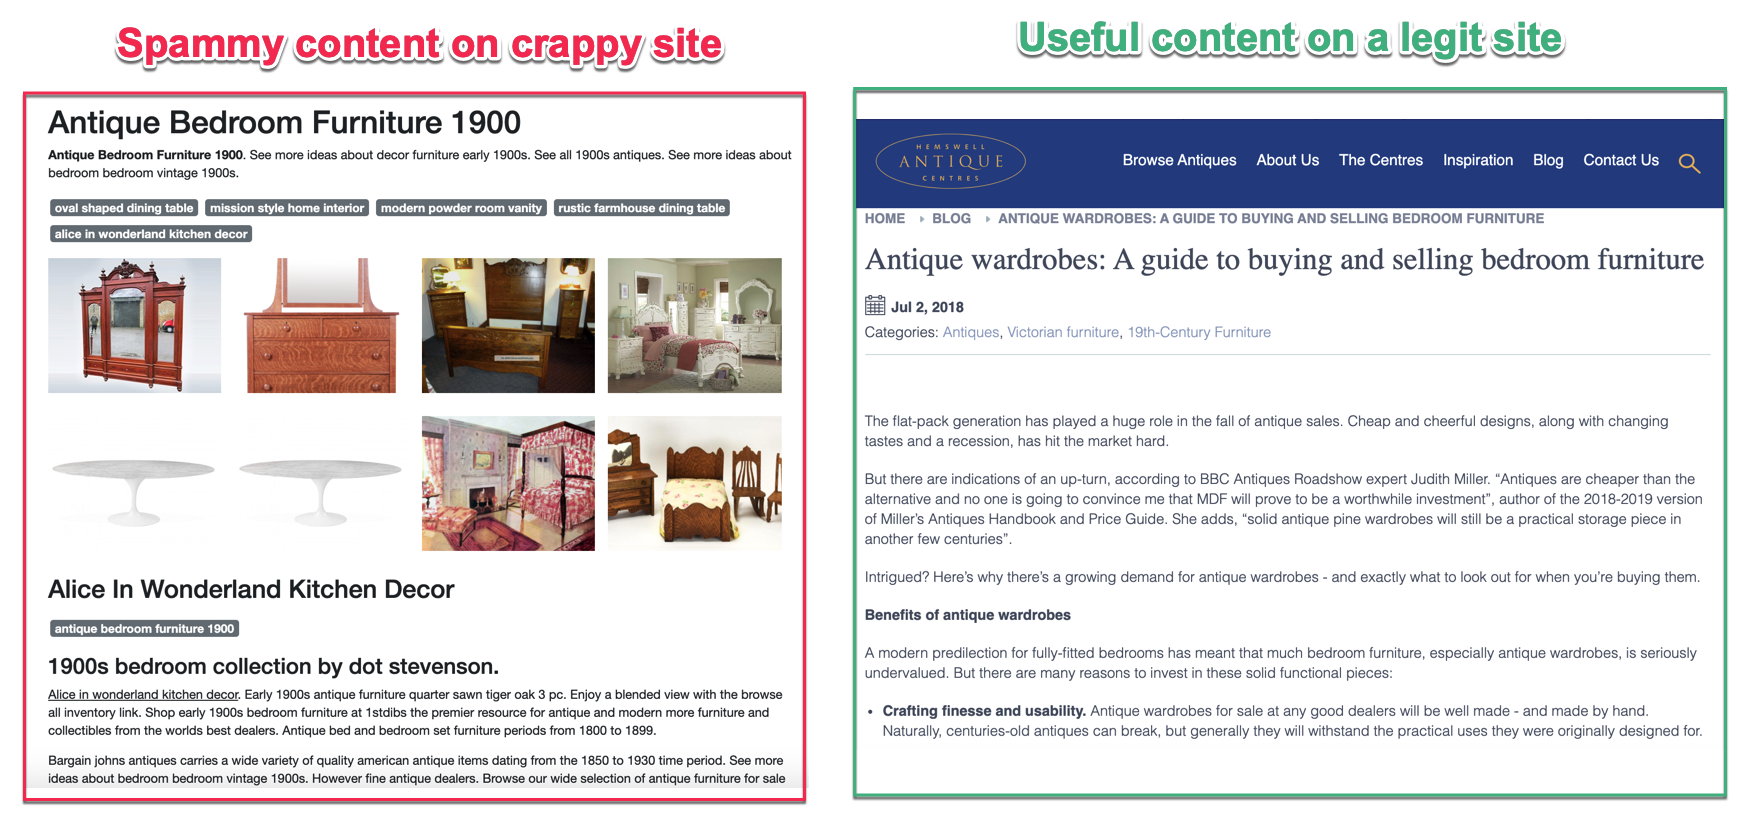 spammy site vs quality site